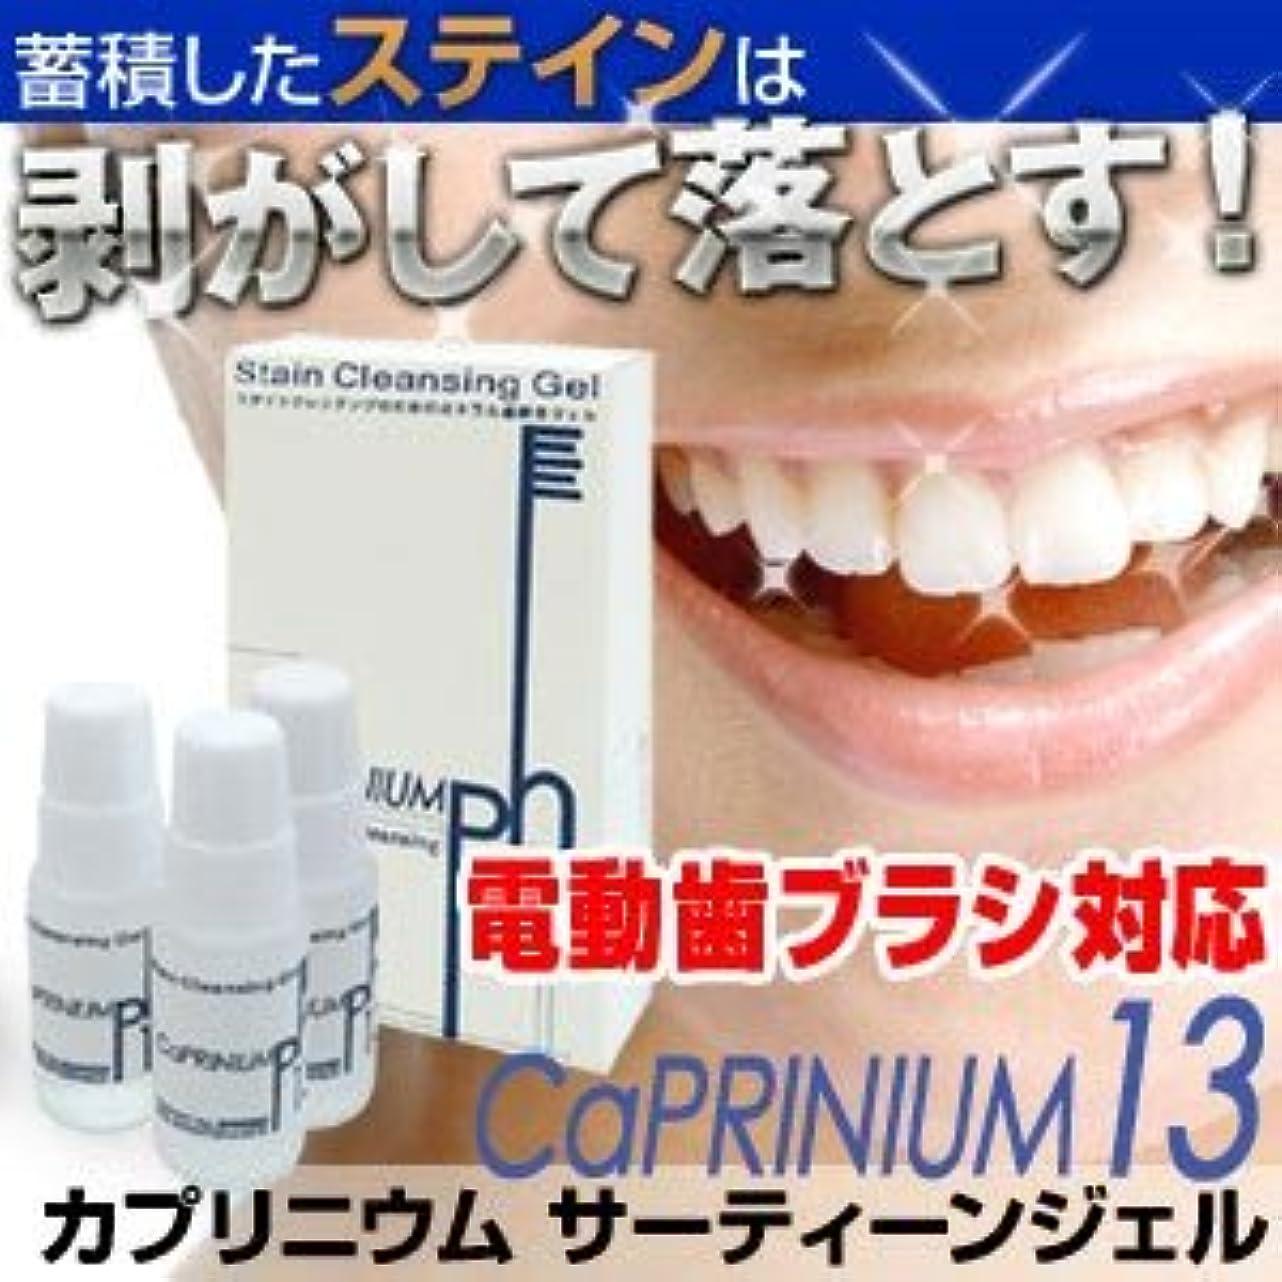 スポーツ問い合わせる時々時々カプリニウム サーティーンジェル(CaPRINIUM 13) 新発想のホワイトニング歯磨きジェル